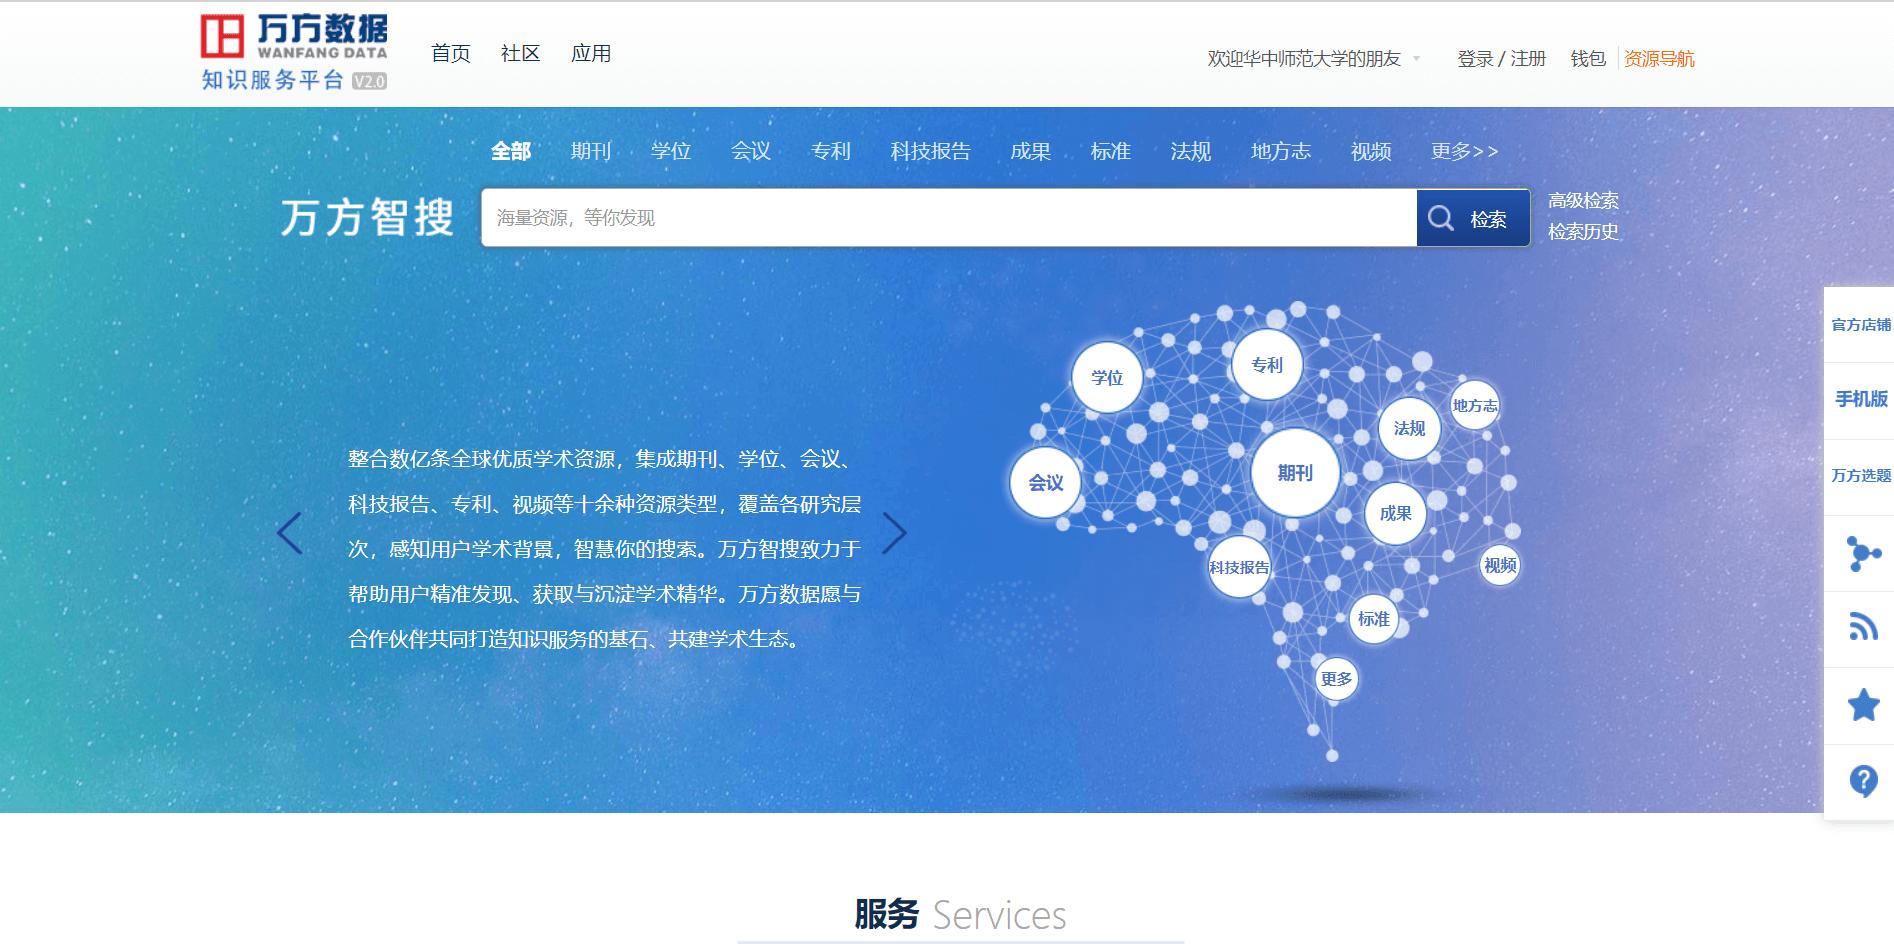 学术搜索引擎-论文必备工具-万方